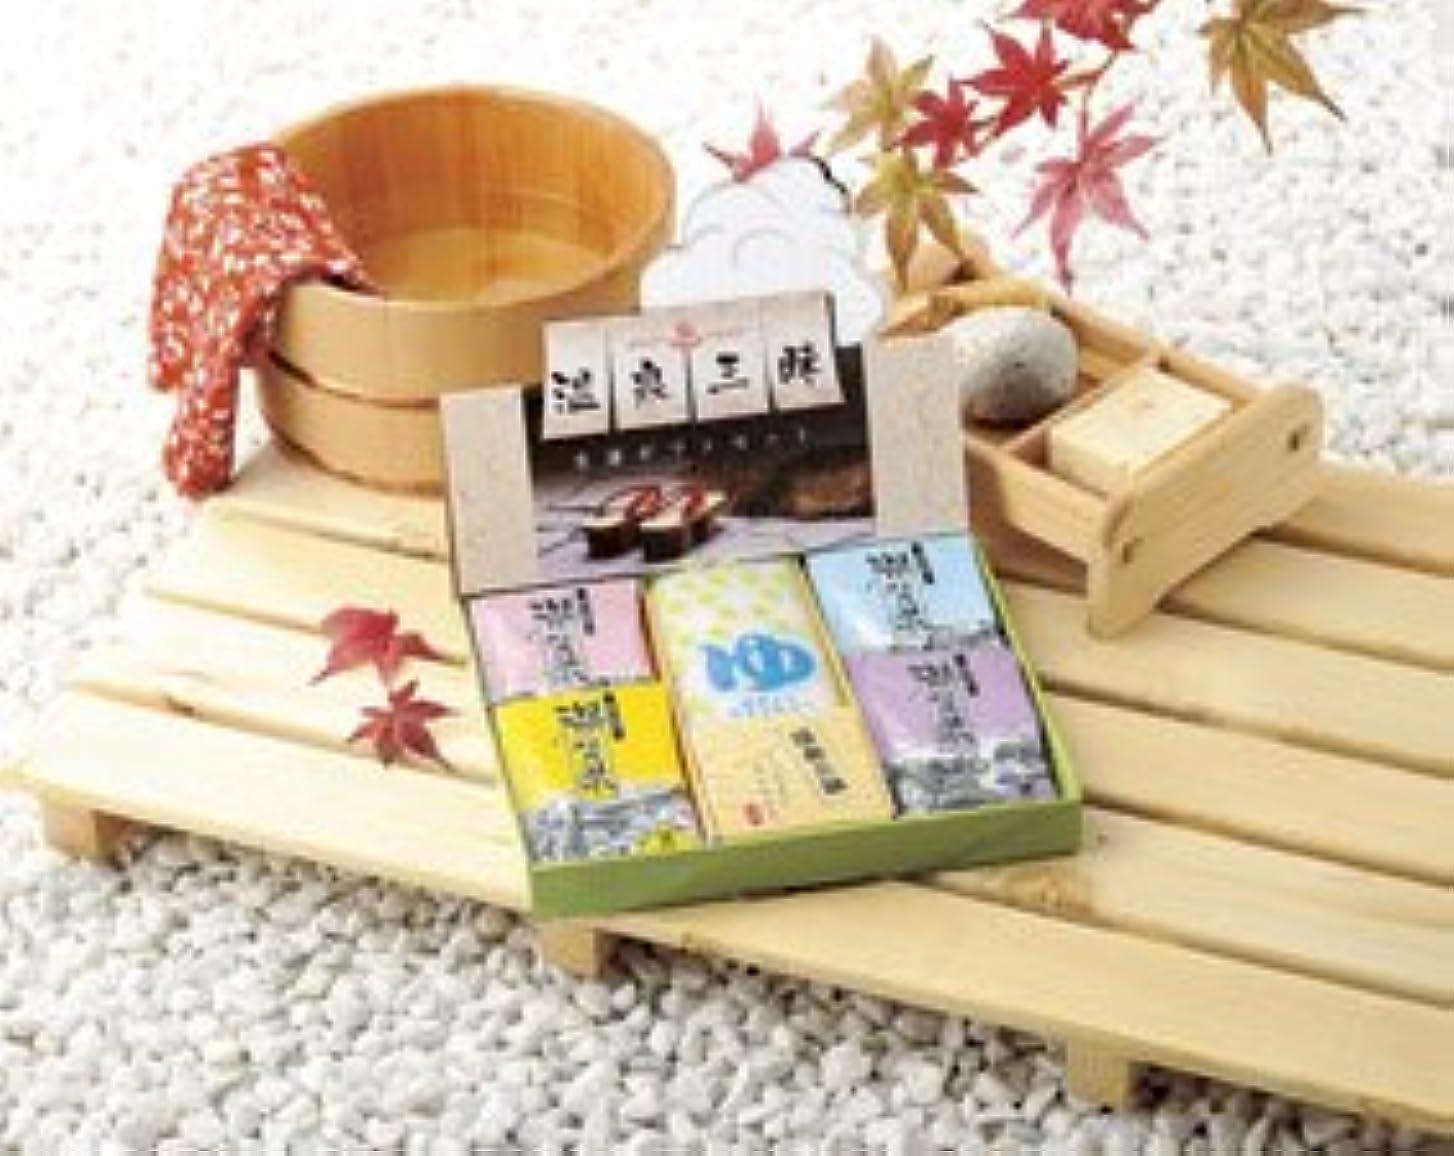 まばたき腐敗した入浴温泉三昧 名湯ギフトセット 1ケース60個入り(1個単価¥415)